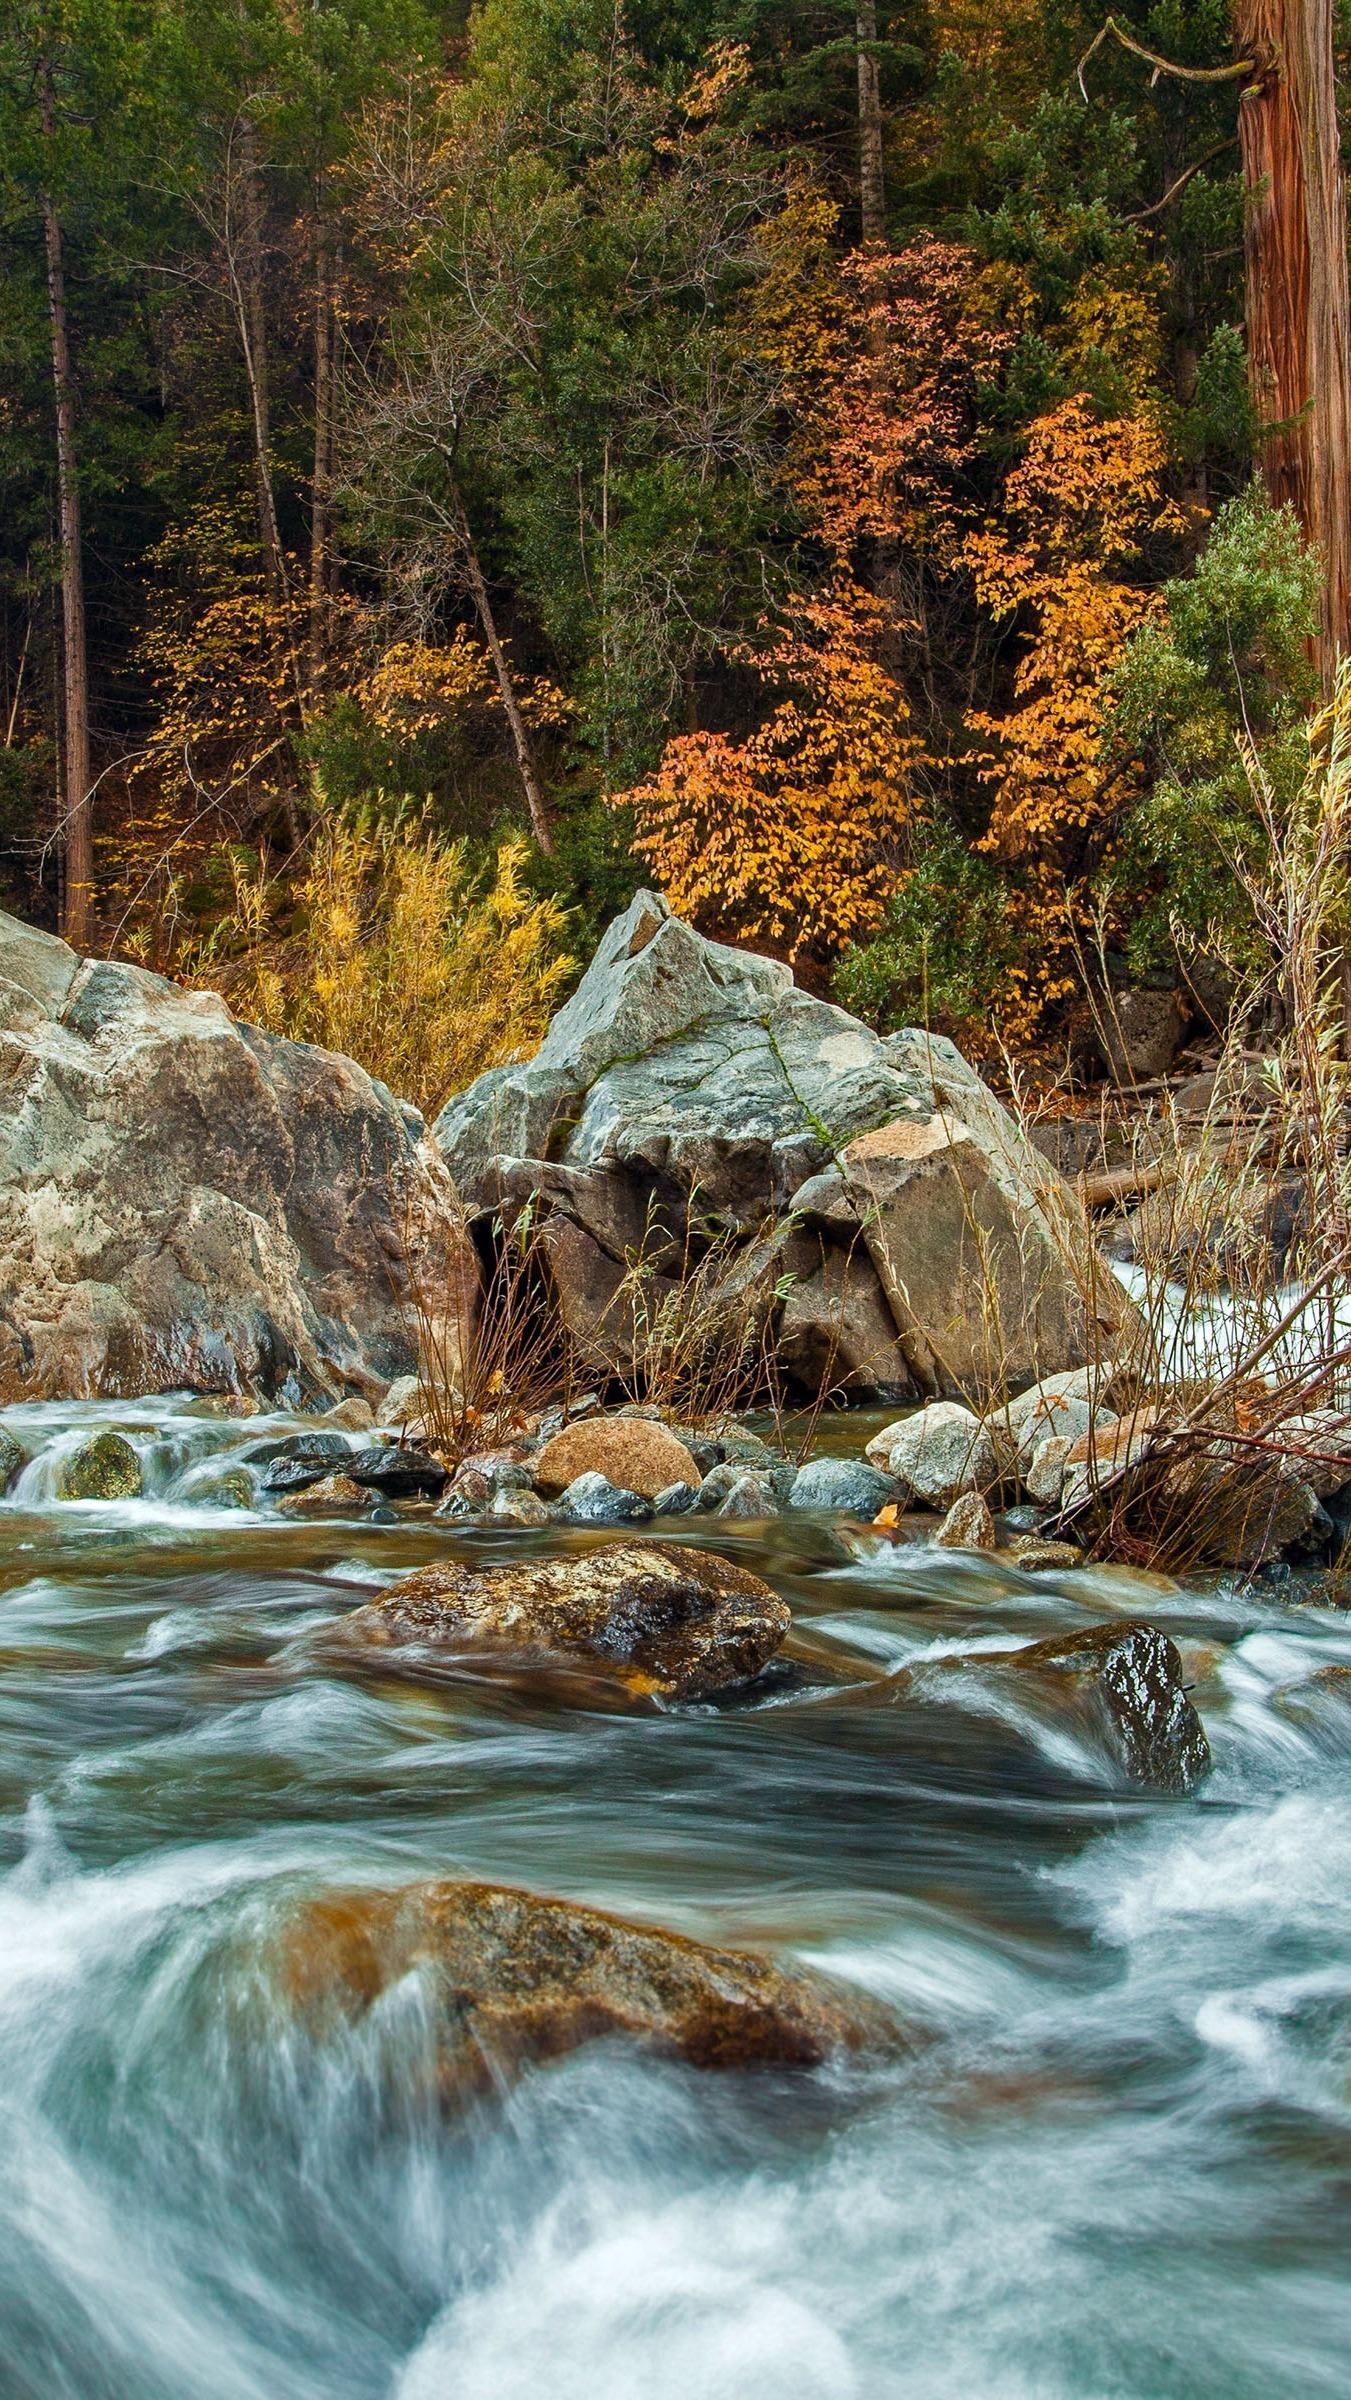 Kamienista rzeka w lesie